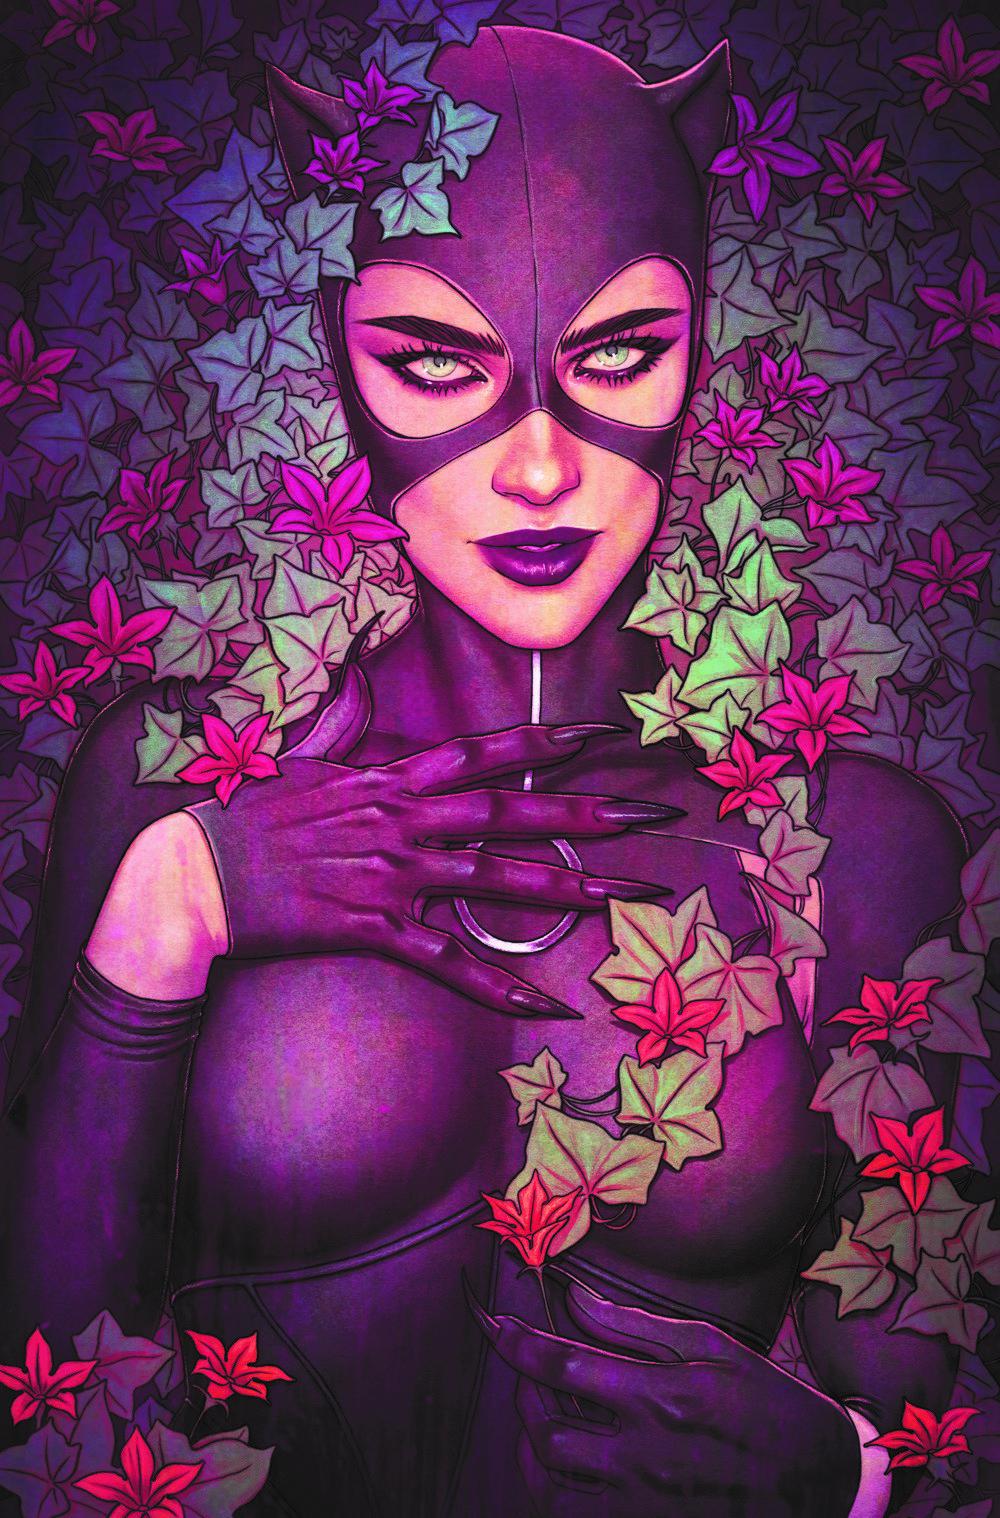 CW-30-variant-Frison DC Comics April 2021 Solicitations